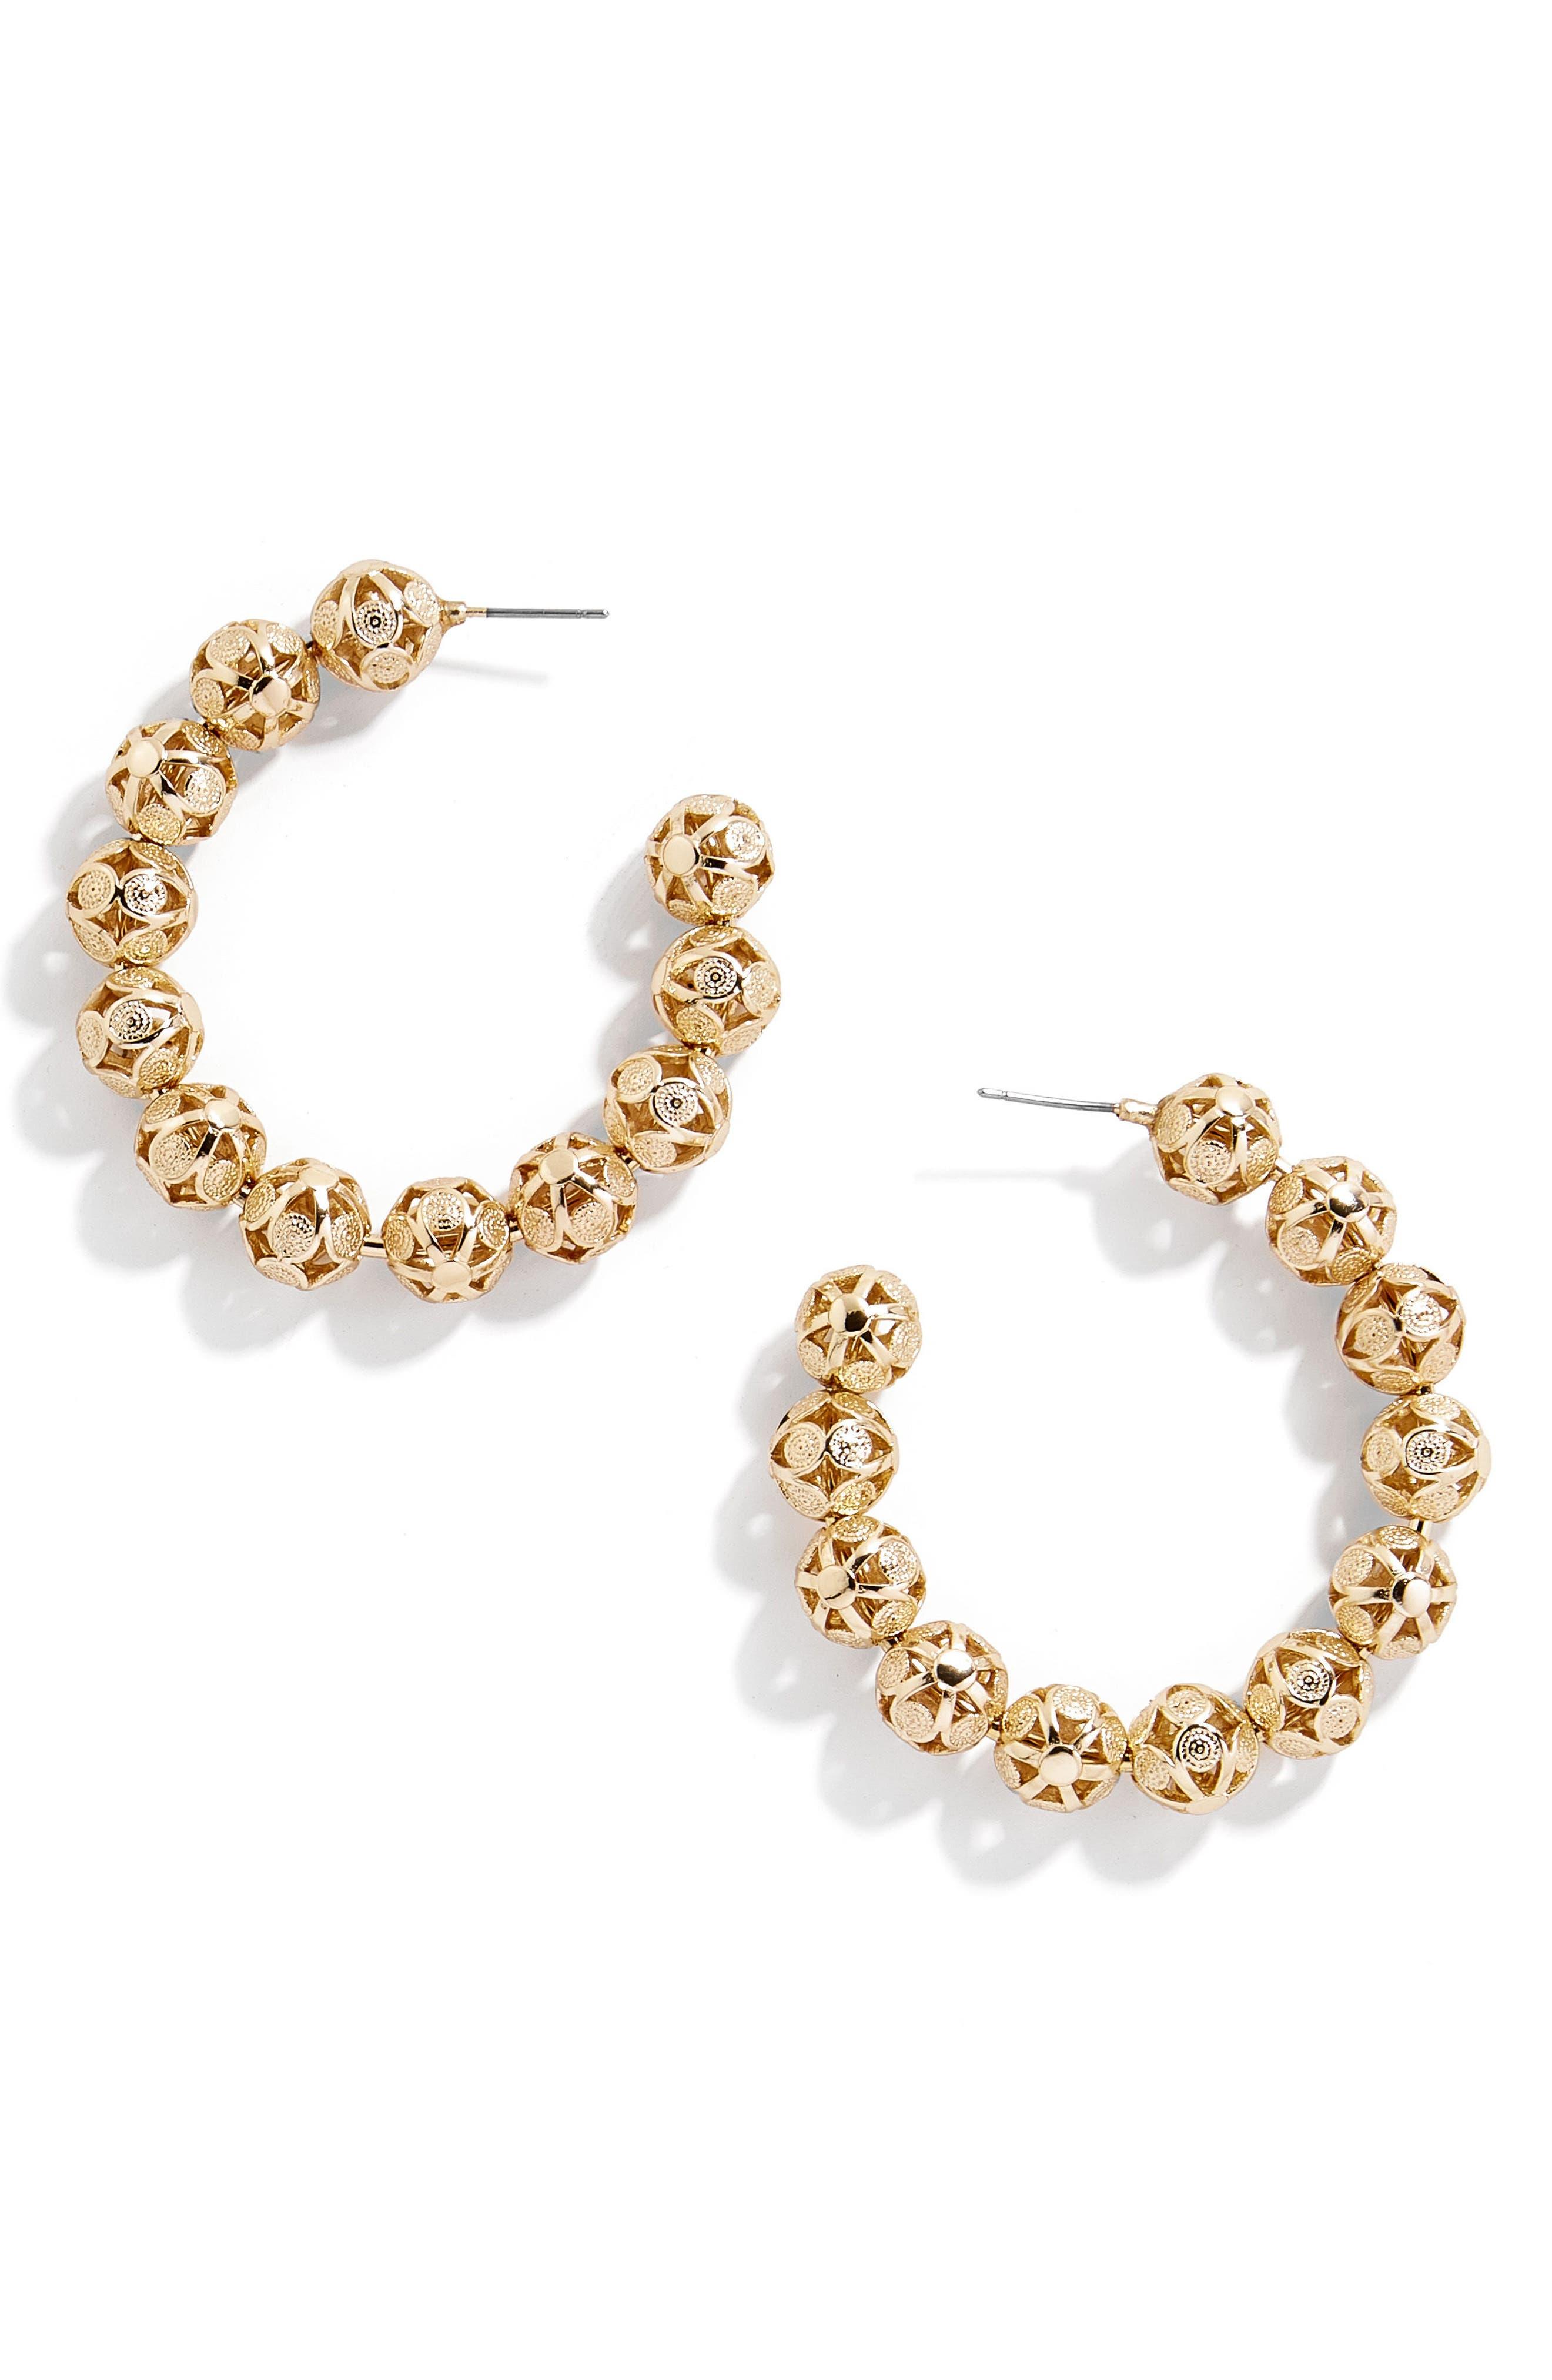 Amora Hoop Earrings,                             Main thumbnail 1, color,                             Gold